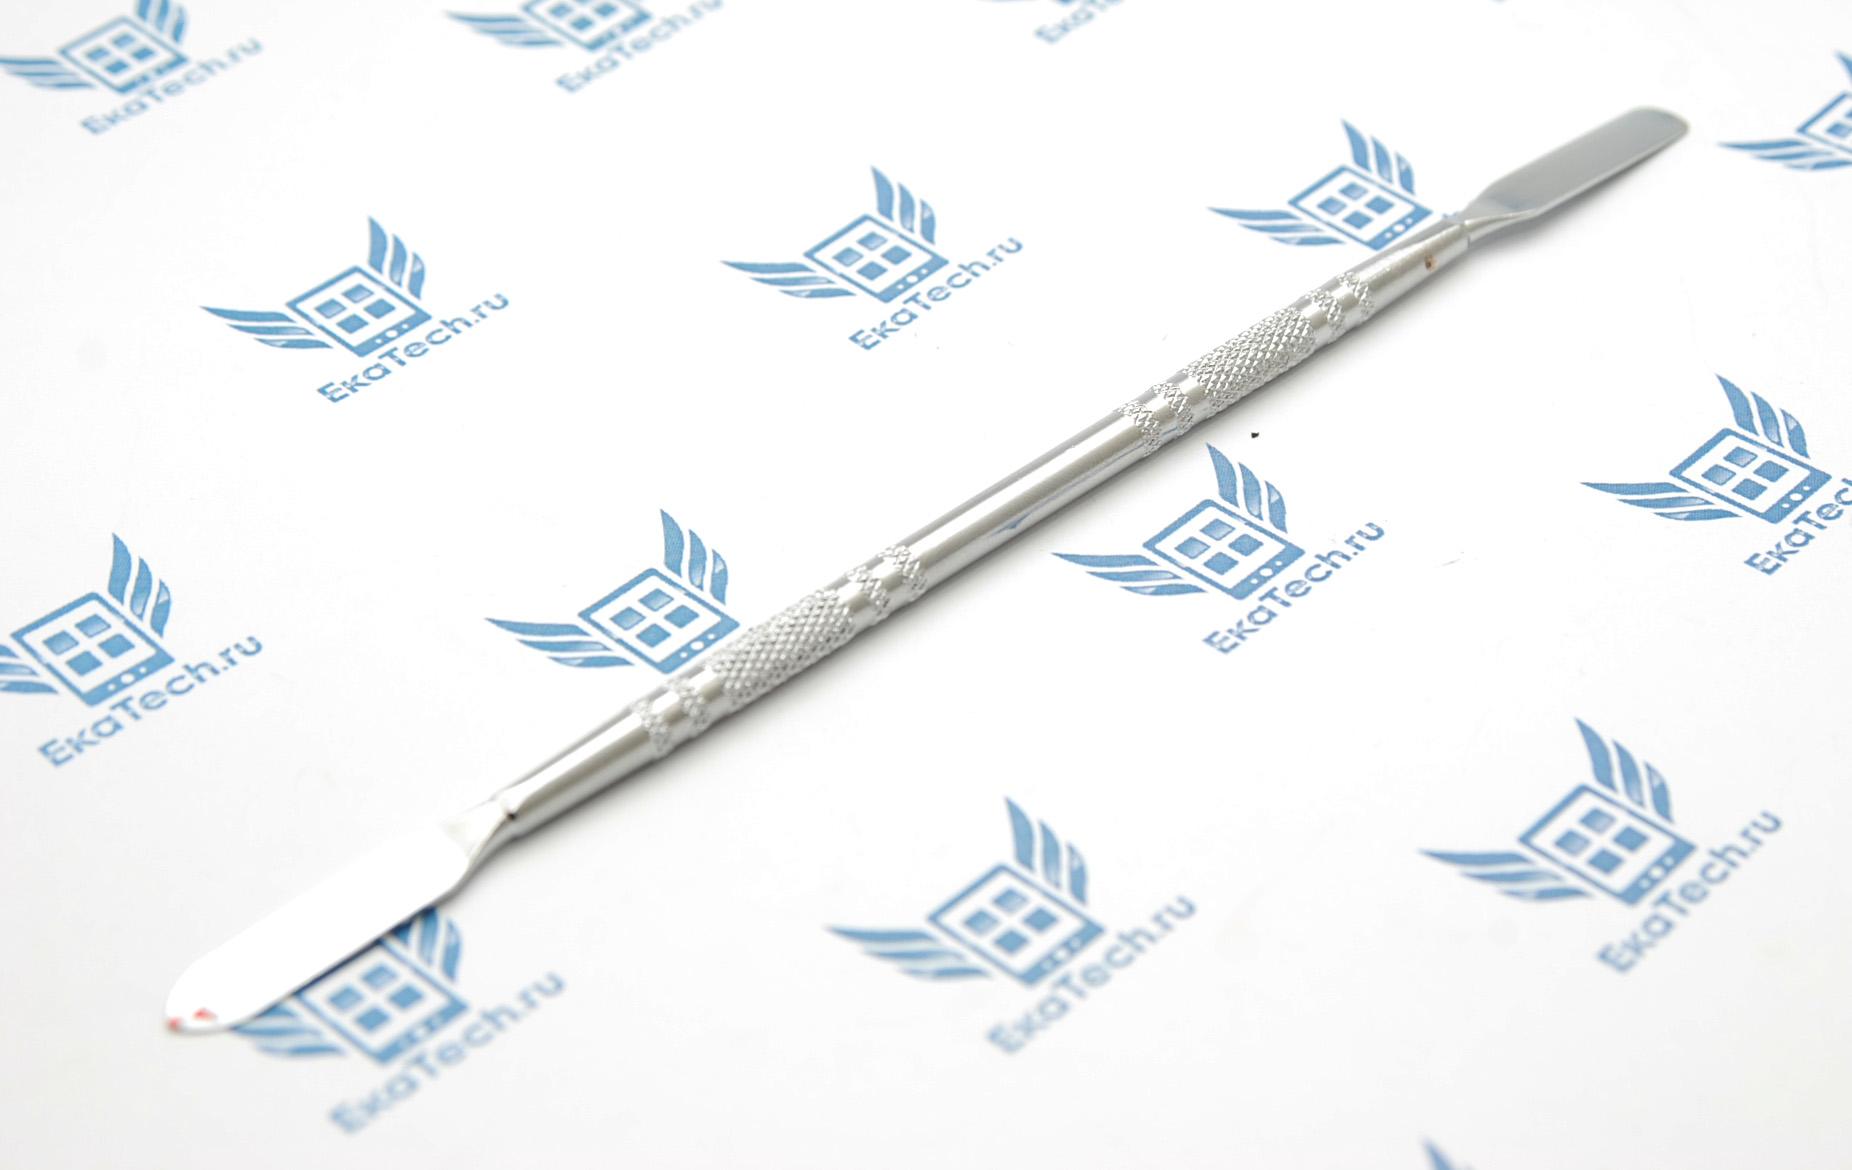 Инструмент двойная лопатка для вскрытия дисплеев Ax001